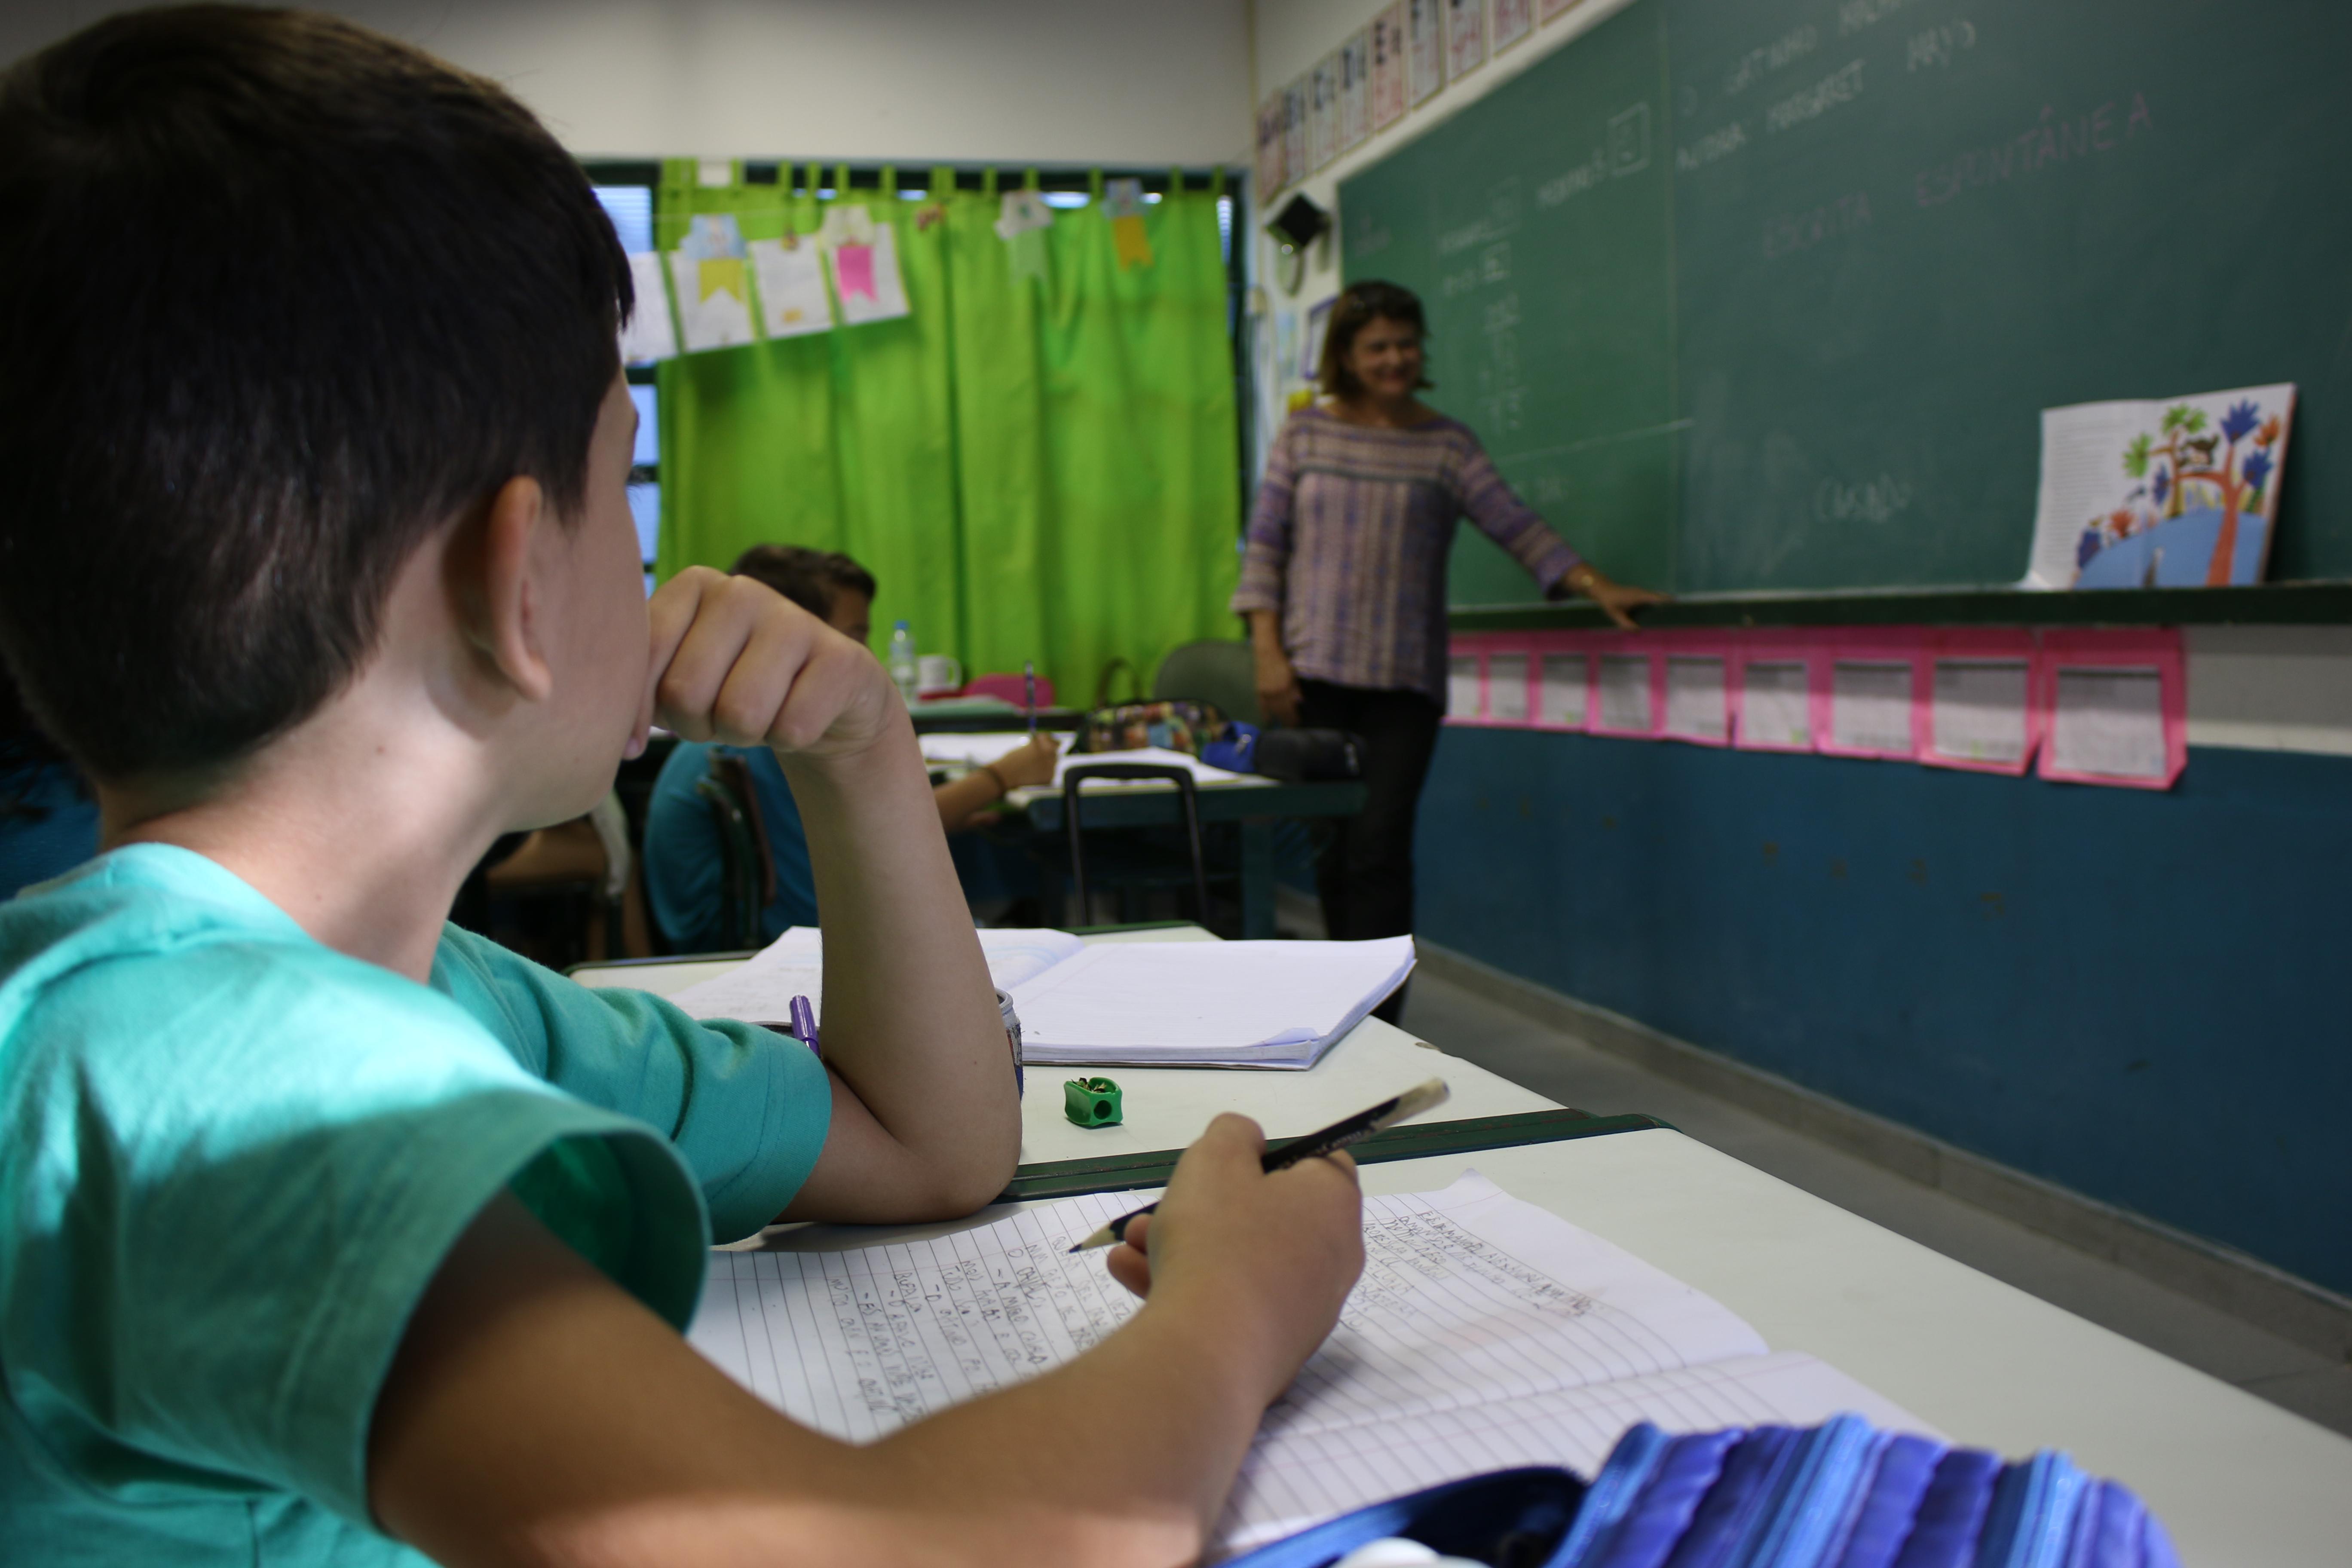 Afetividade Promove Aproxima O Dos Alunos Com O Aprendizado Em Sala  -> Imagens De Sala De Aula